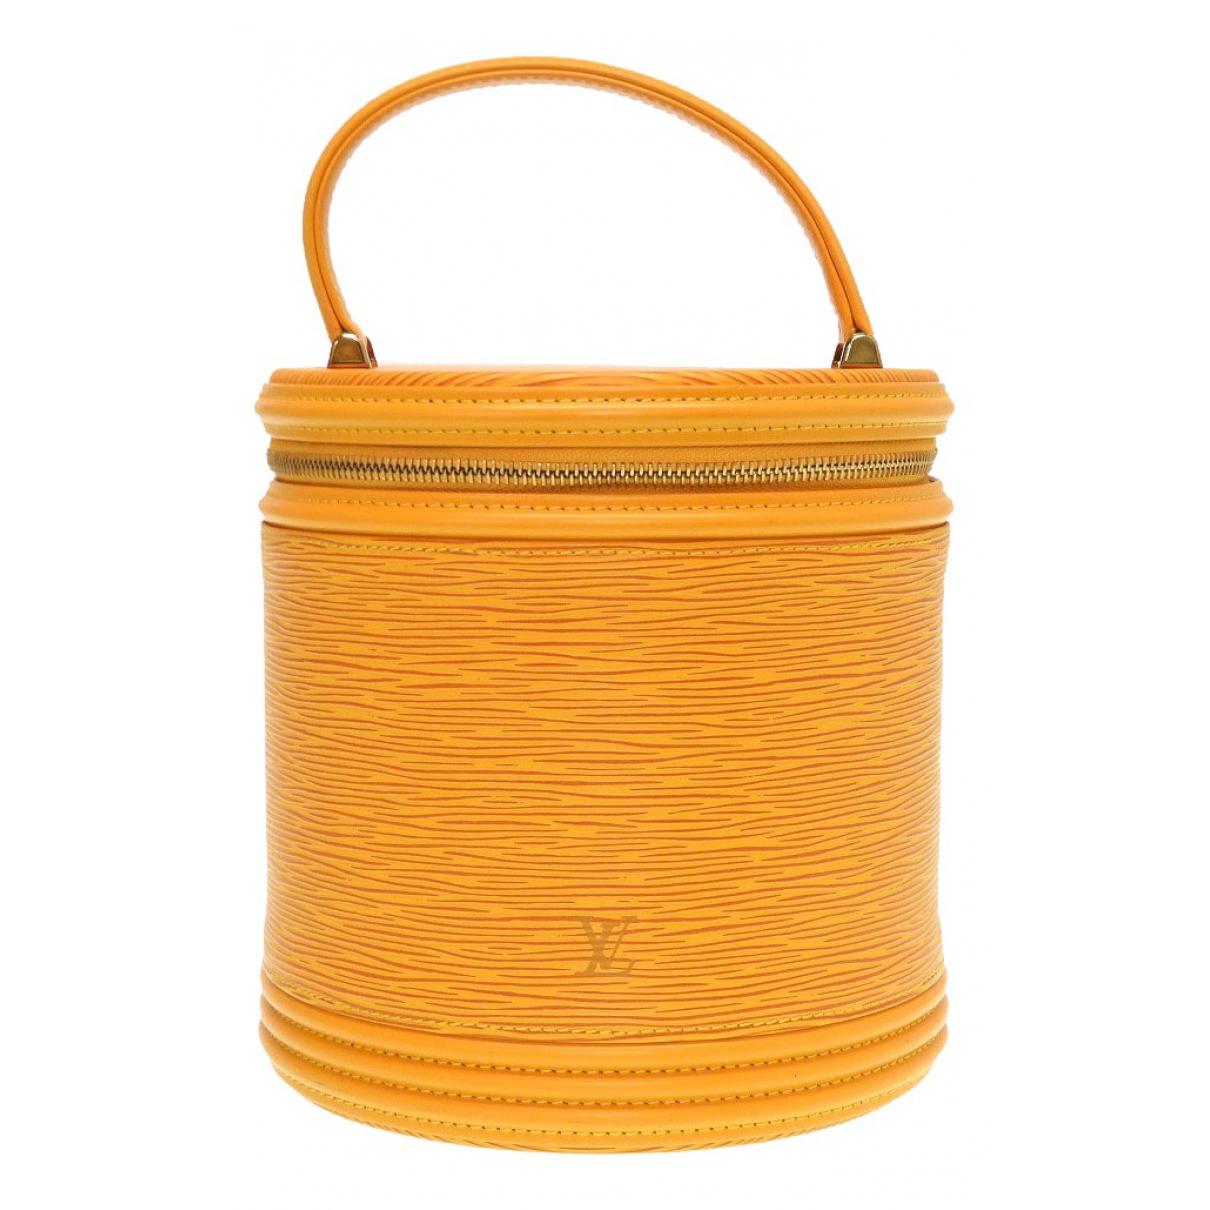 Louis Vuitton - Sac a main Cannes pour femme en cuir - jaune